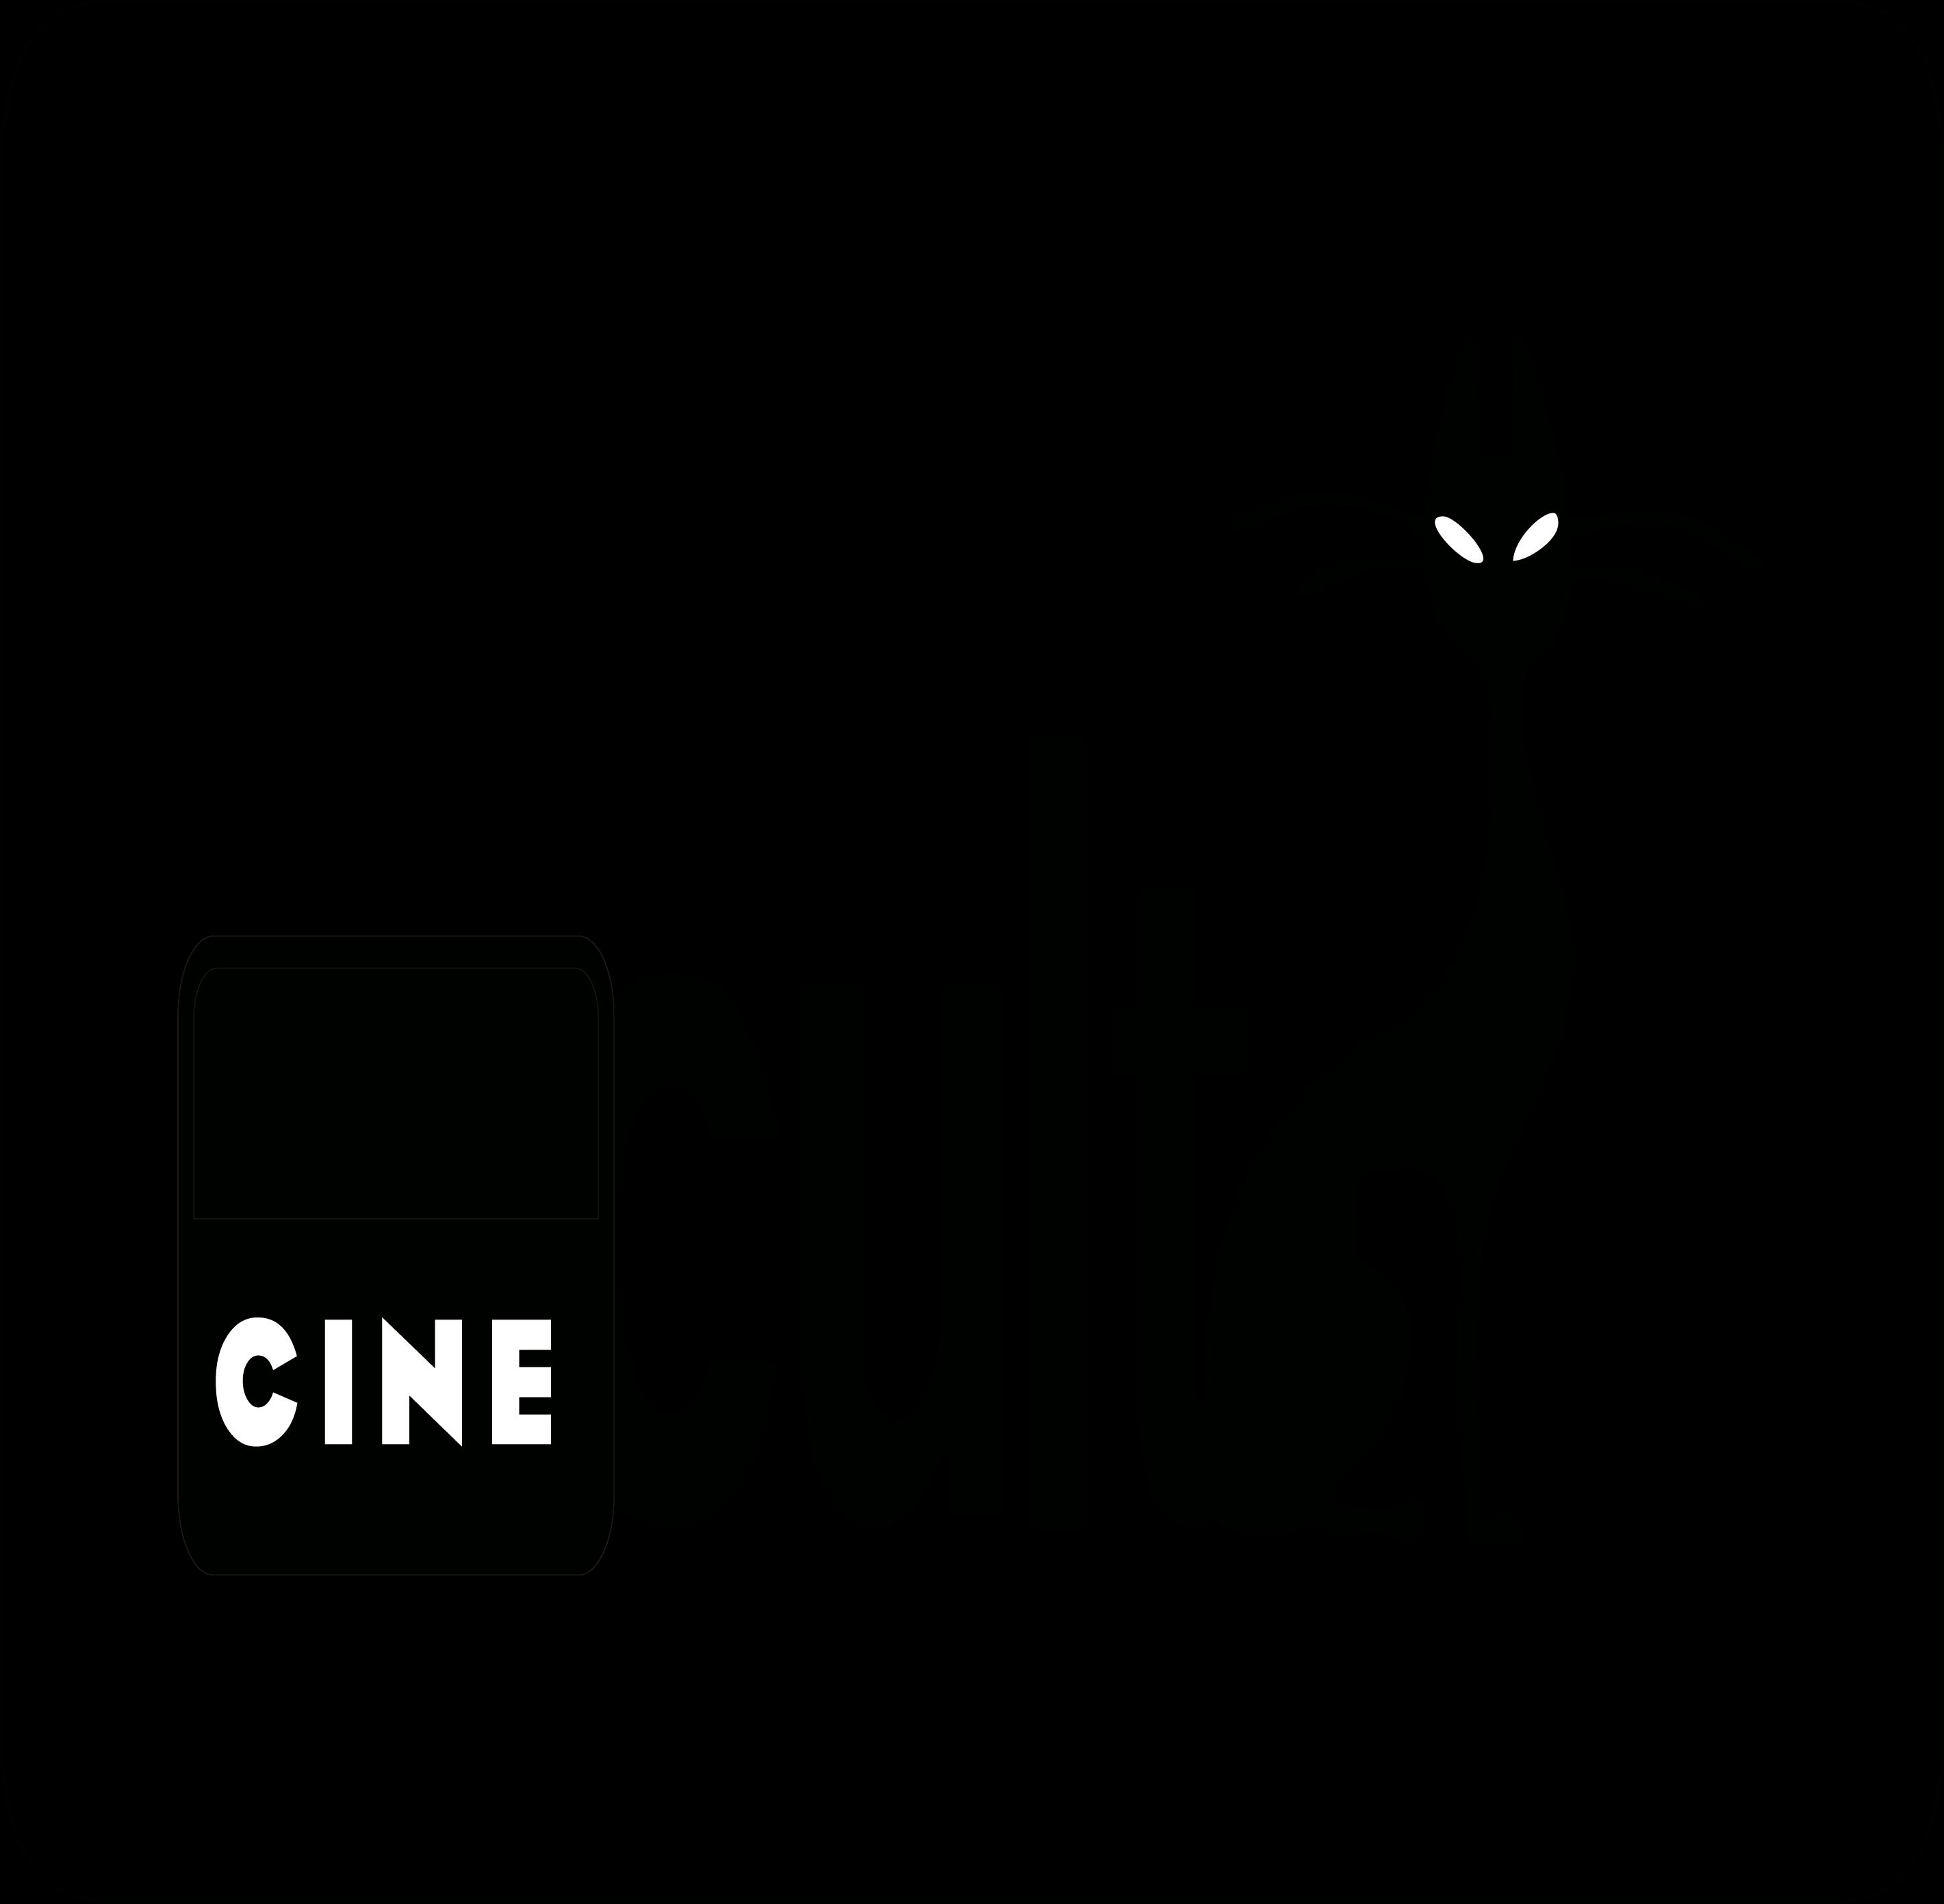 Telecine Cult Logos tv Cult e Animais